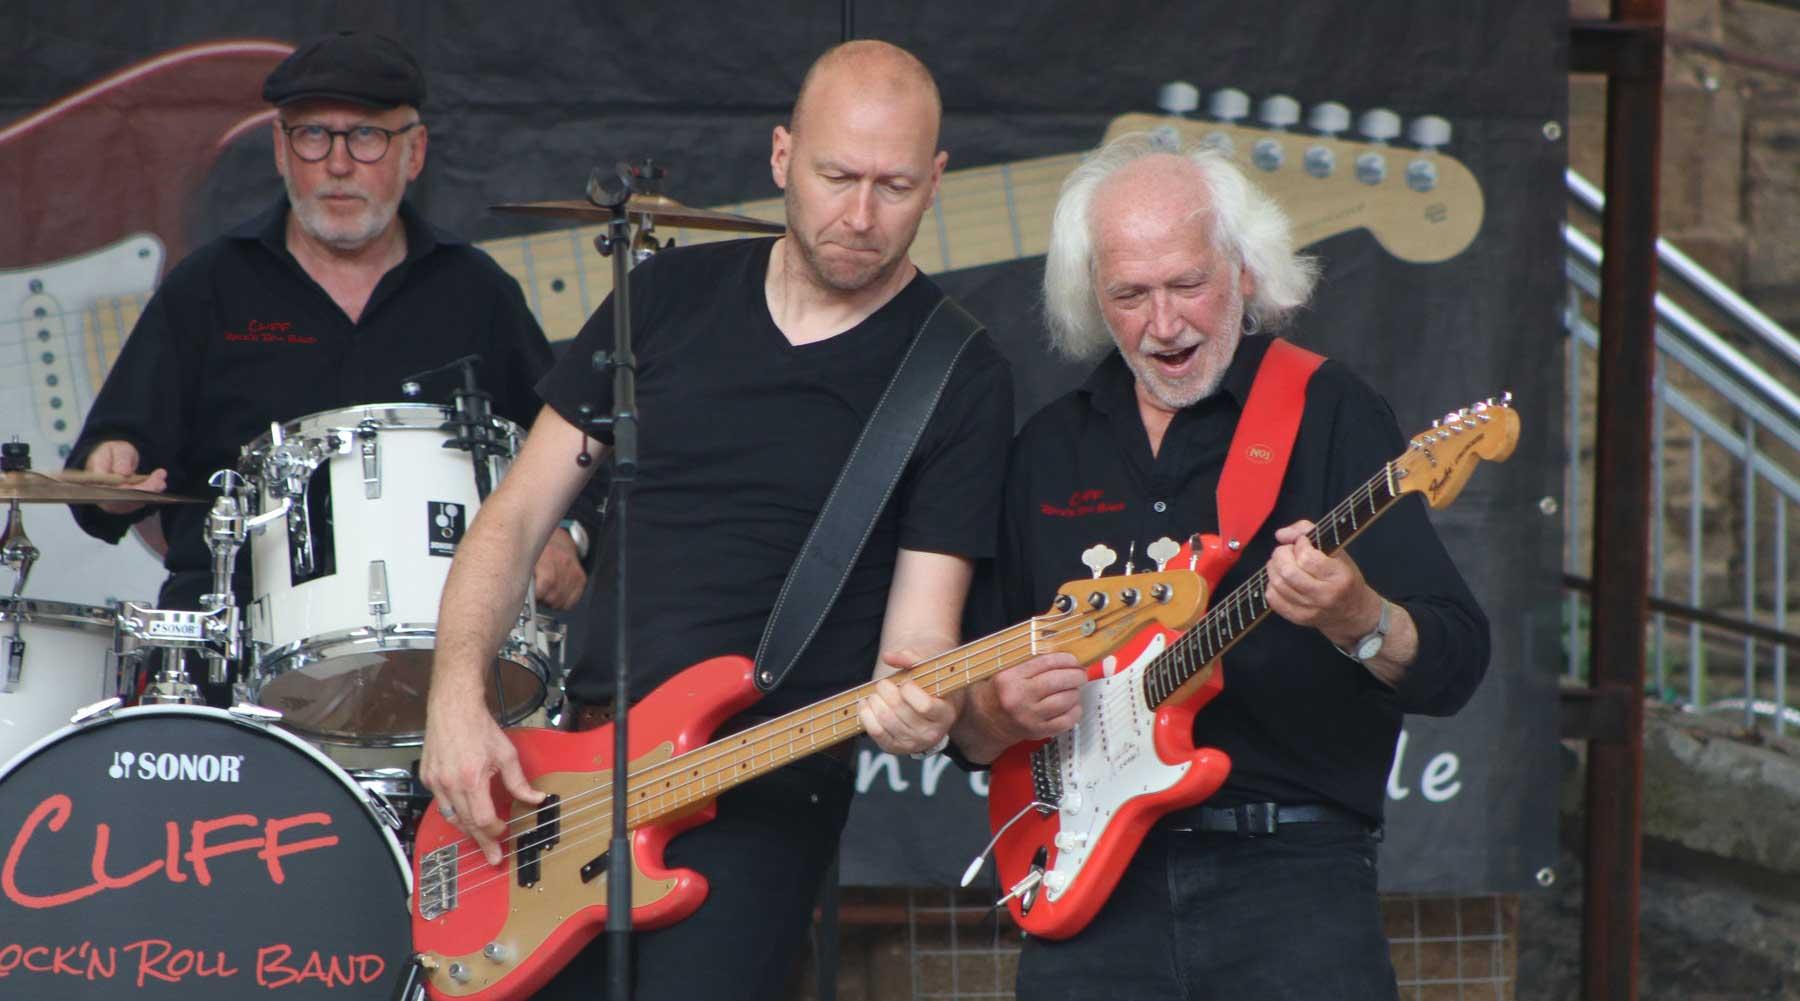 Cliff Rock`n Roll Band | Konzert